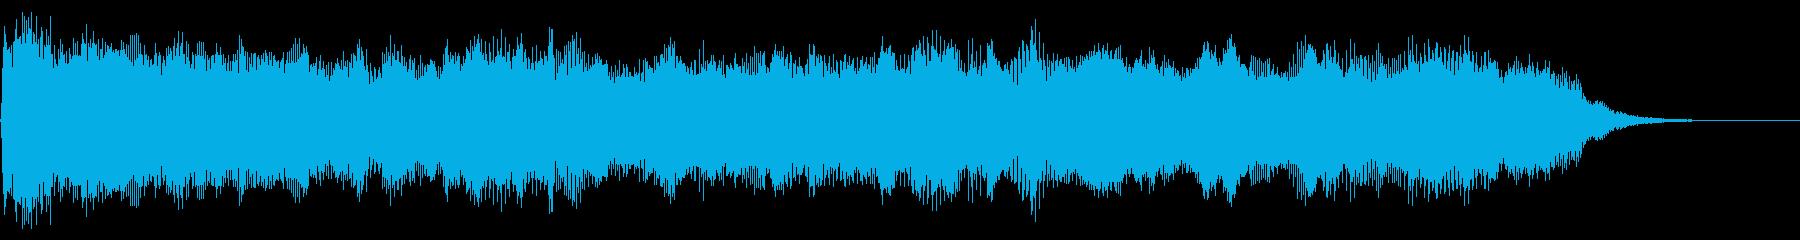 パイプオルガンドローンの再生済みの波形